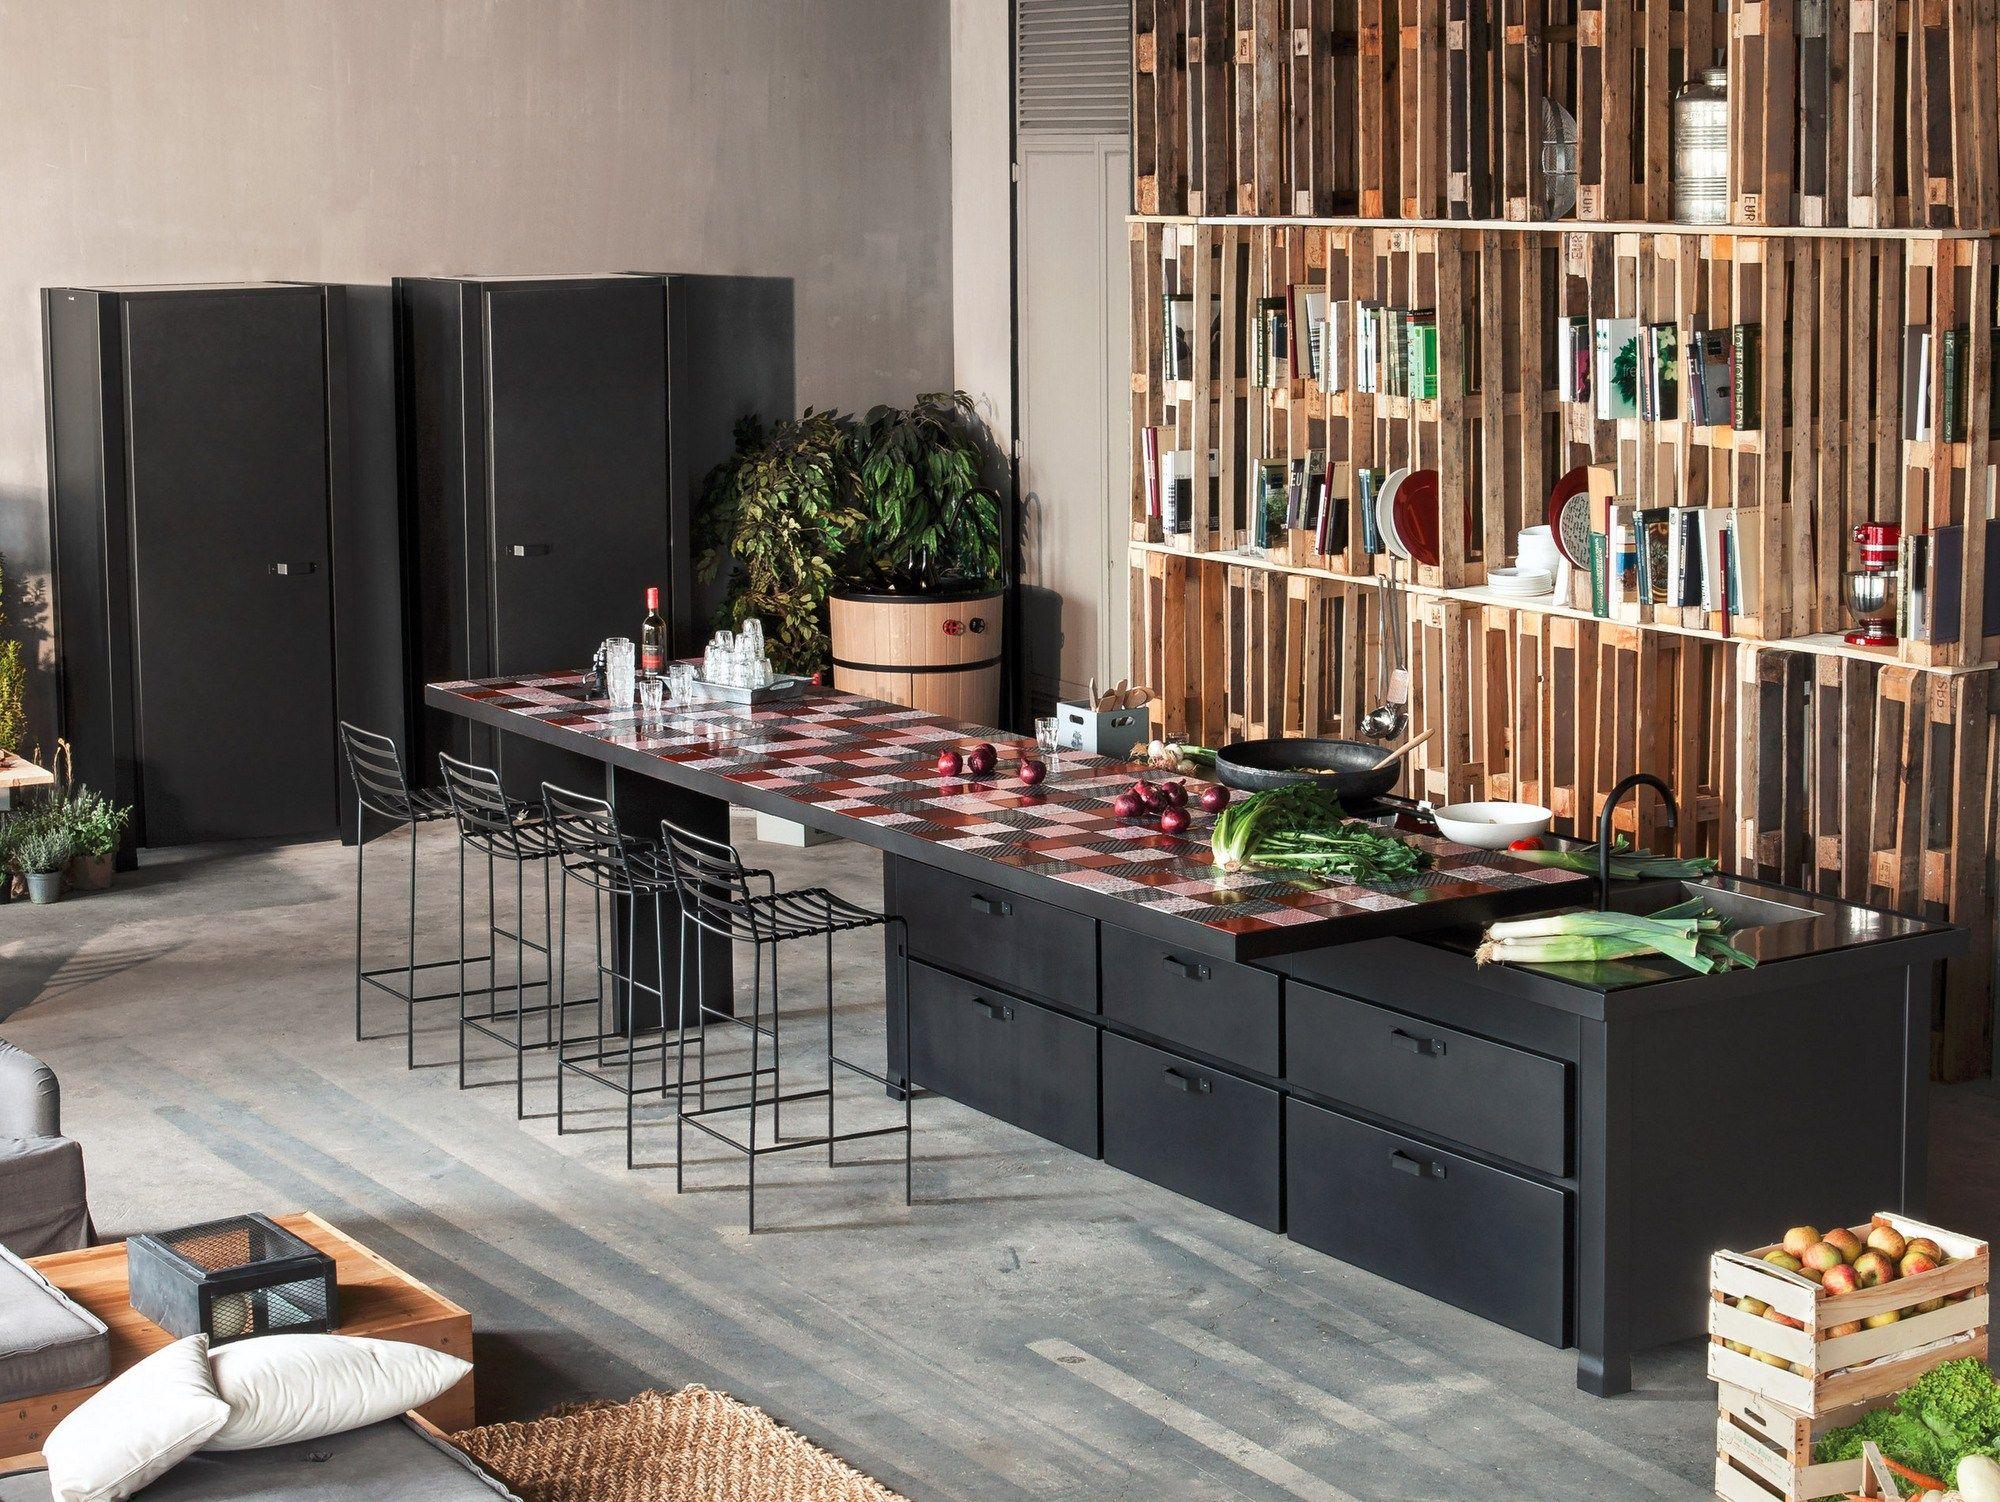 Blocchi cad mobili per cucina blumaticad market d cucine cucina